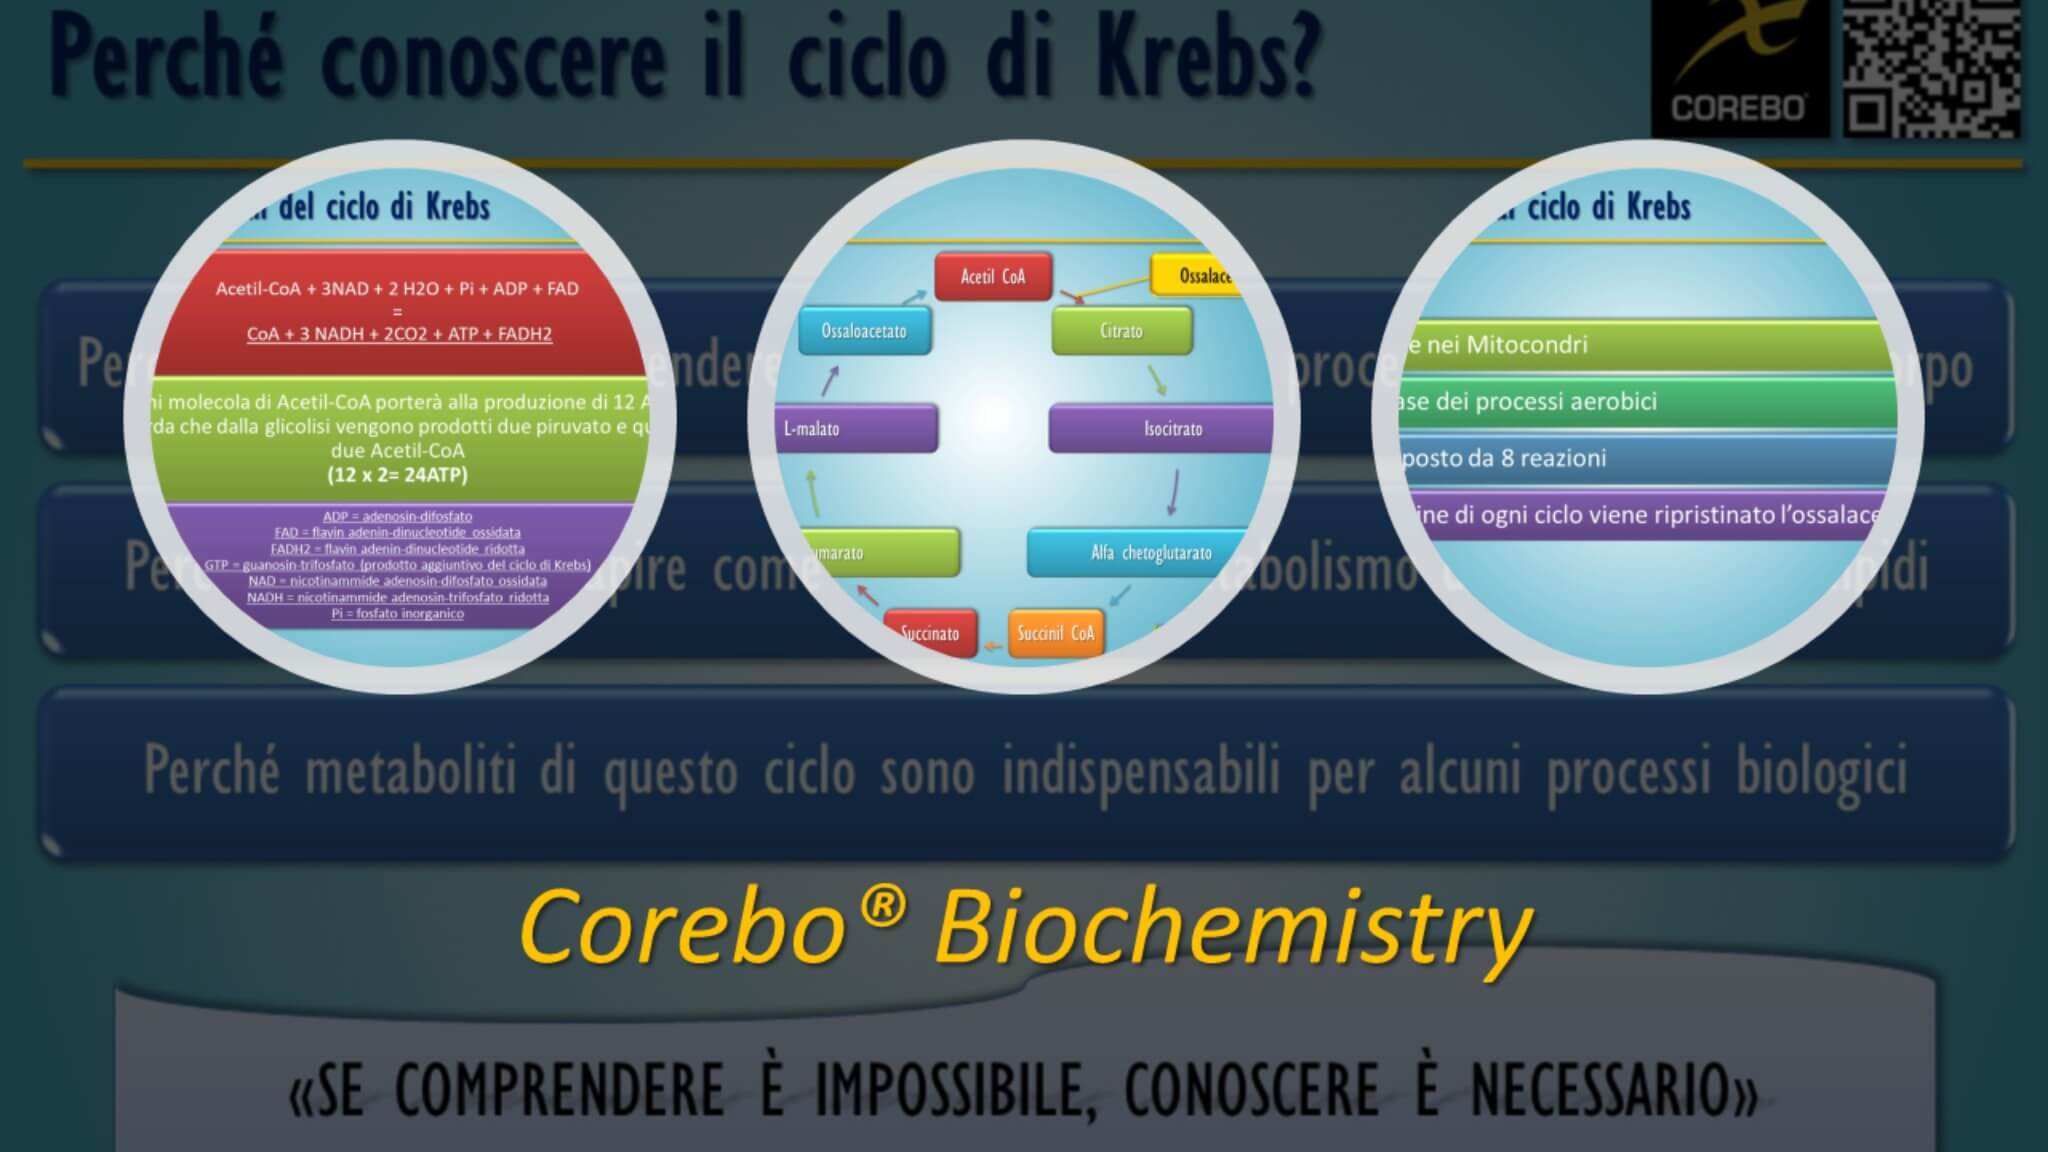 Il Ciclo di Krebs - Il corso di Biochimica per conoscere e comprendere